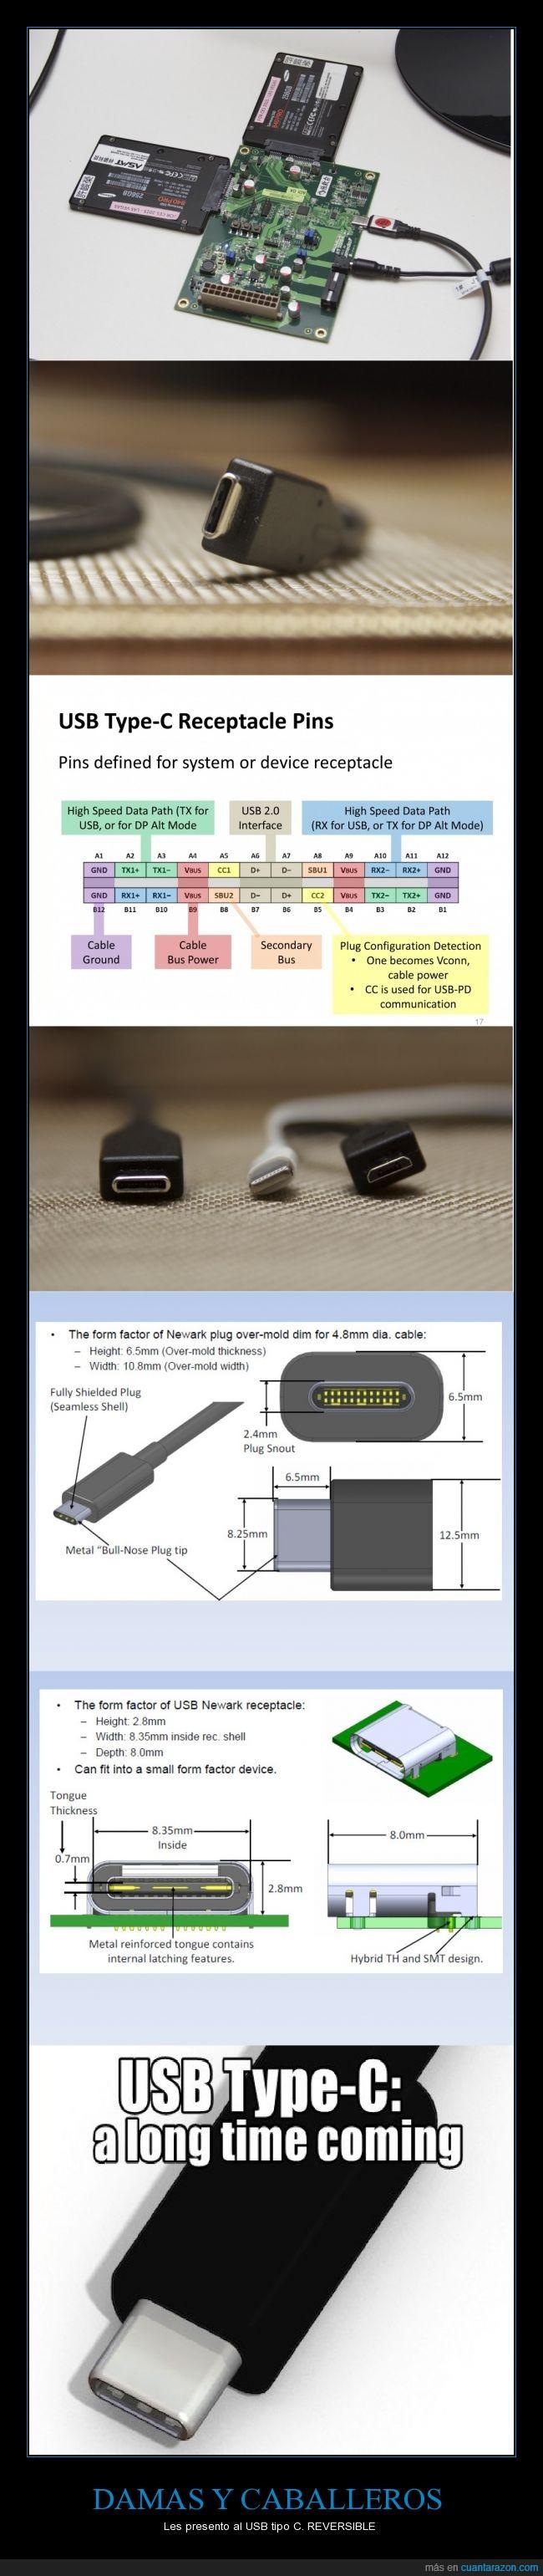 el primer dispositivo en usar este puerto será la tableta N1 de Nokia,https://www.youtube.com/watch?v=y1OjrlAUv8c a partir del minuto 3:26 entenderán,podría reemplazar al cable HDMI,se podrán cargar portátiles por medio de este cable,tasa de transferencia hasta de 10 Gigabits/segundo,tiembla apple!,usb tipo c